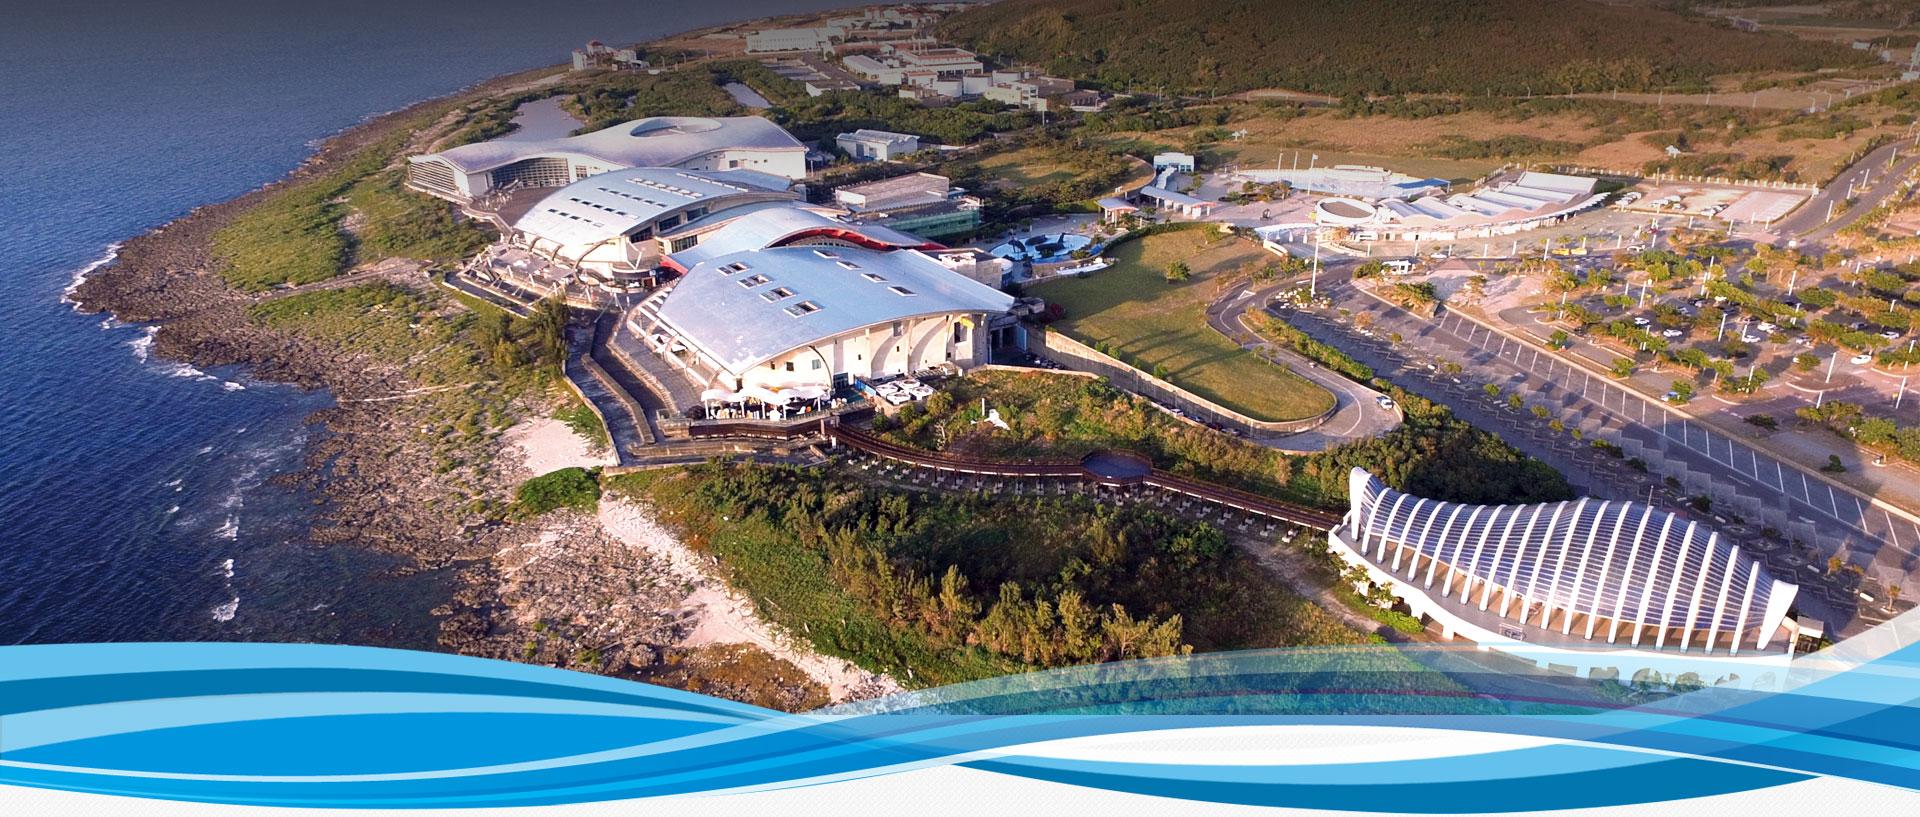 國立海洋生物博物館-無障礙服務